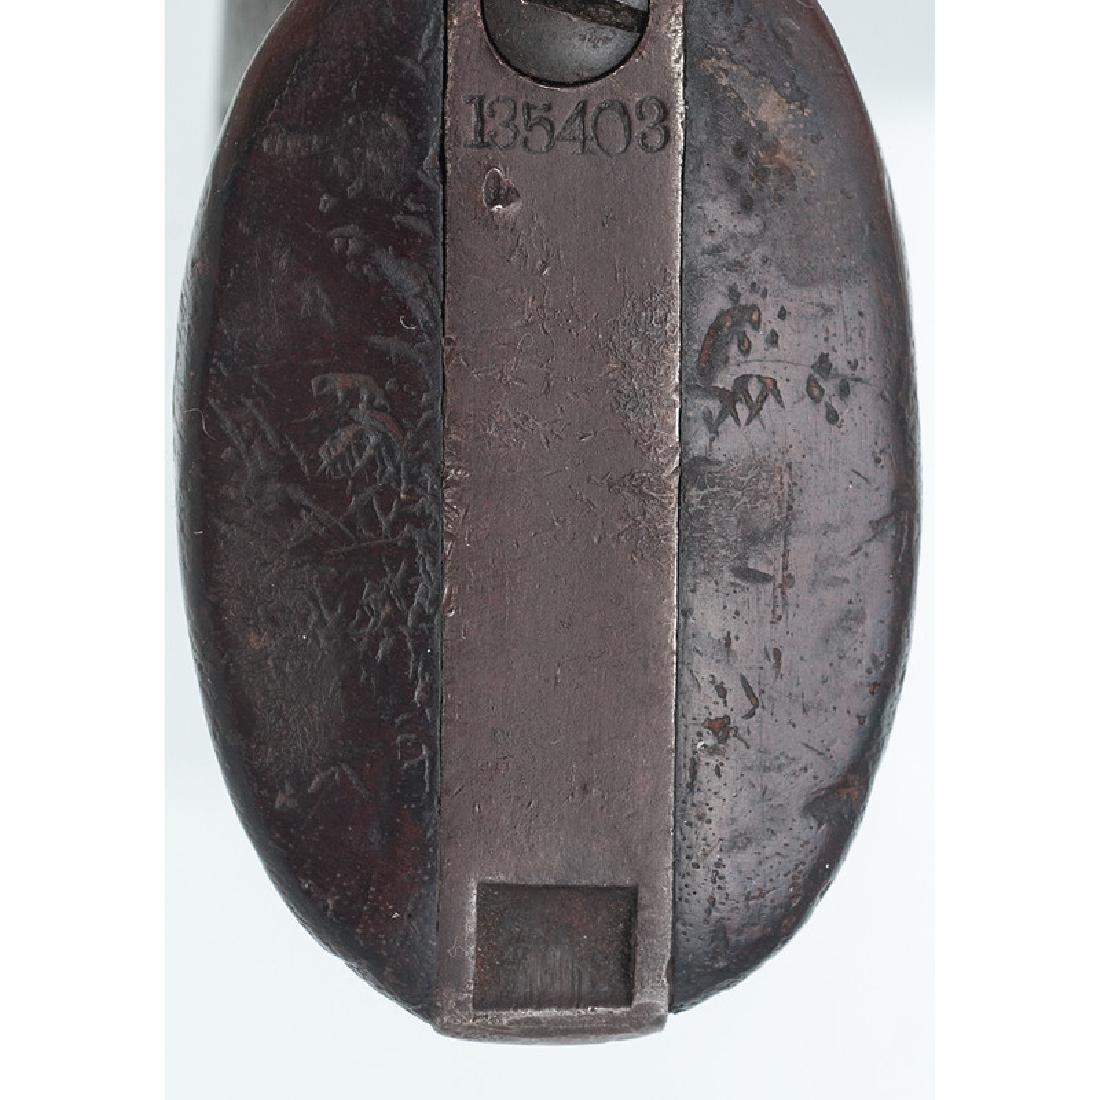 Colt Model 1860 Army Percussion Revolver - 7